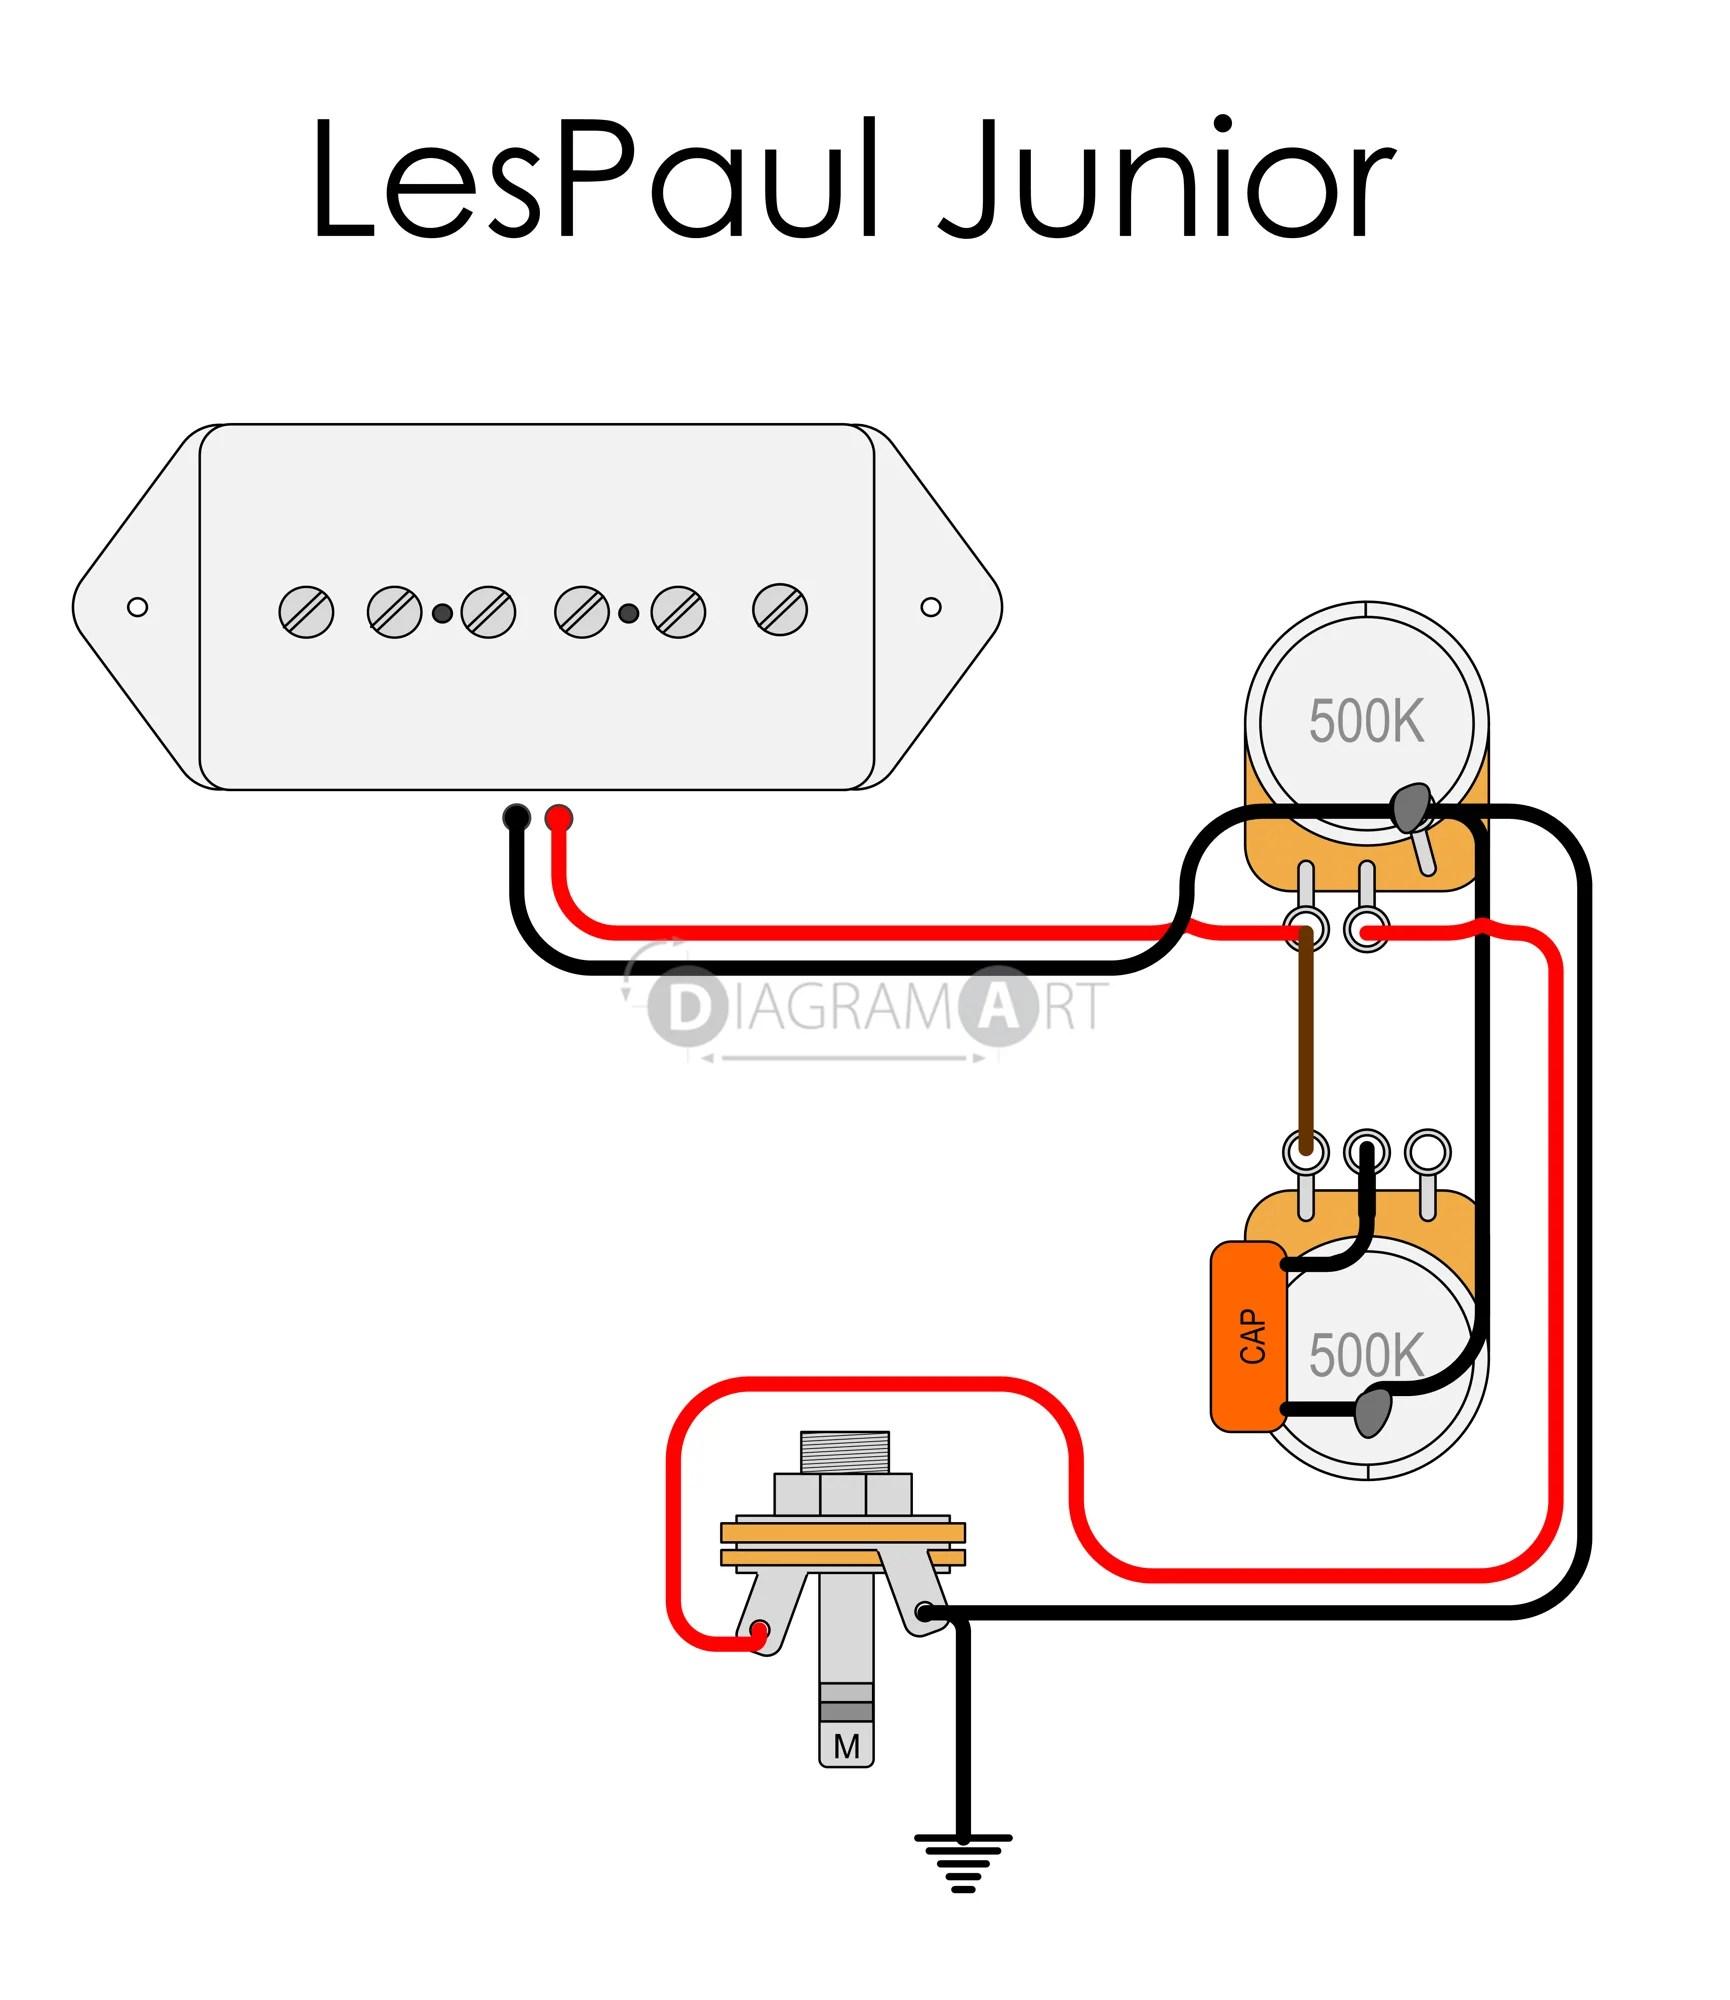 gibson p90 pickup wiring diagram wiring diagram centregibson p90 pickup wiring diagram [ 1730 x 2000 Pixel ]